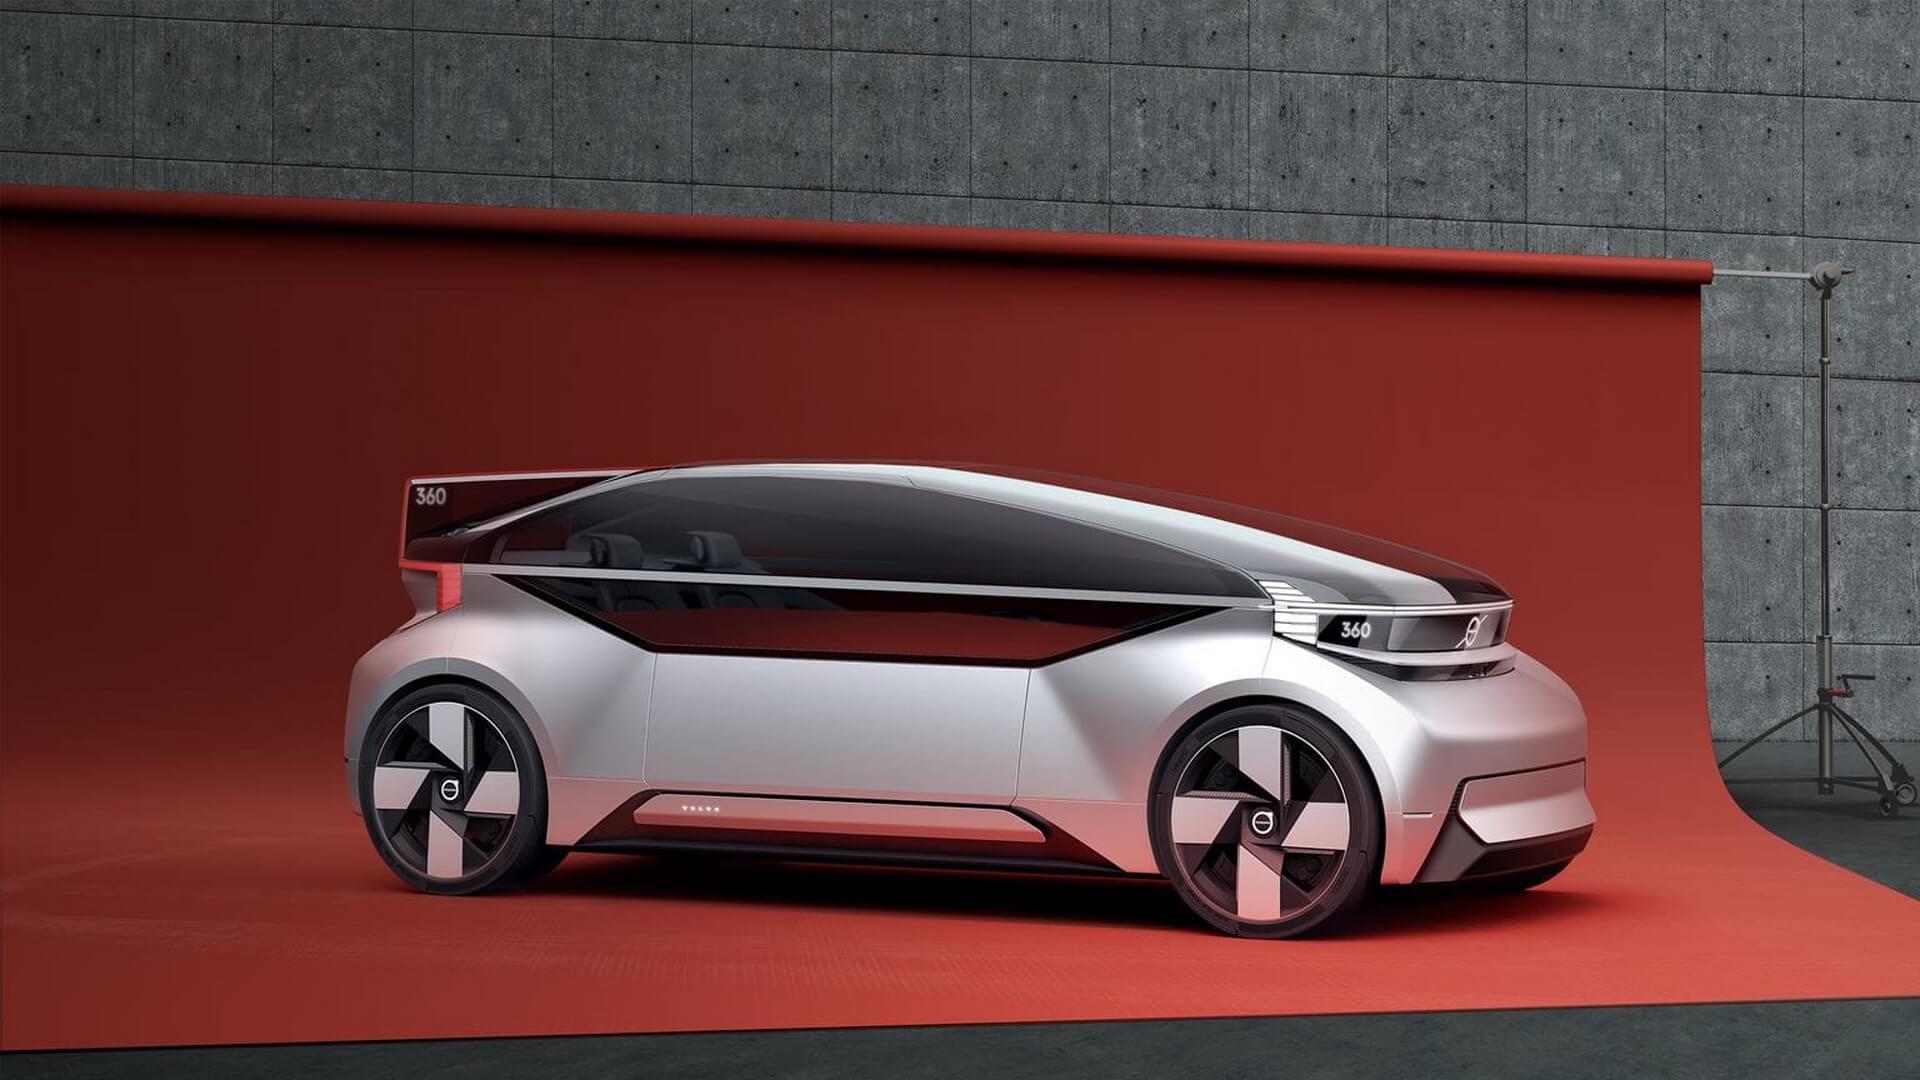 Volvo представил полностью автономный электрический концепт-кар 360c